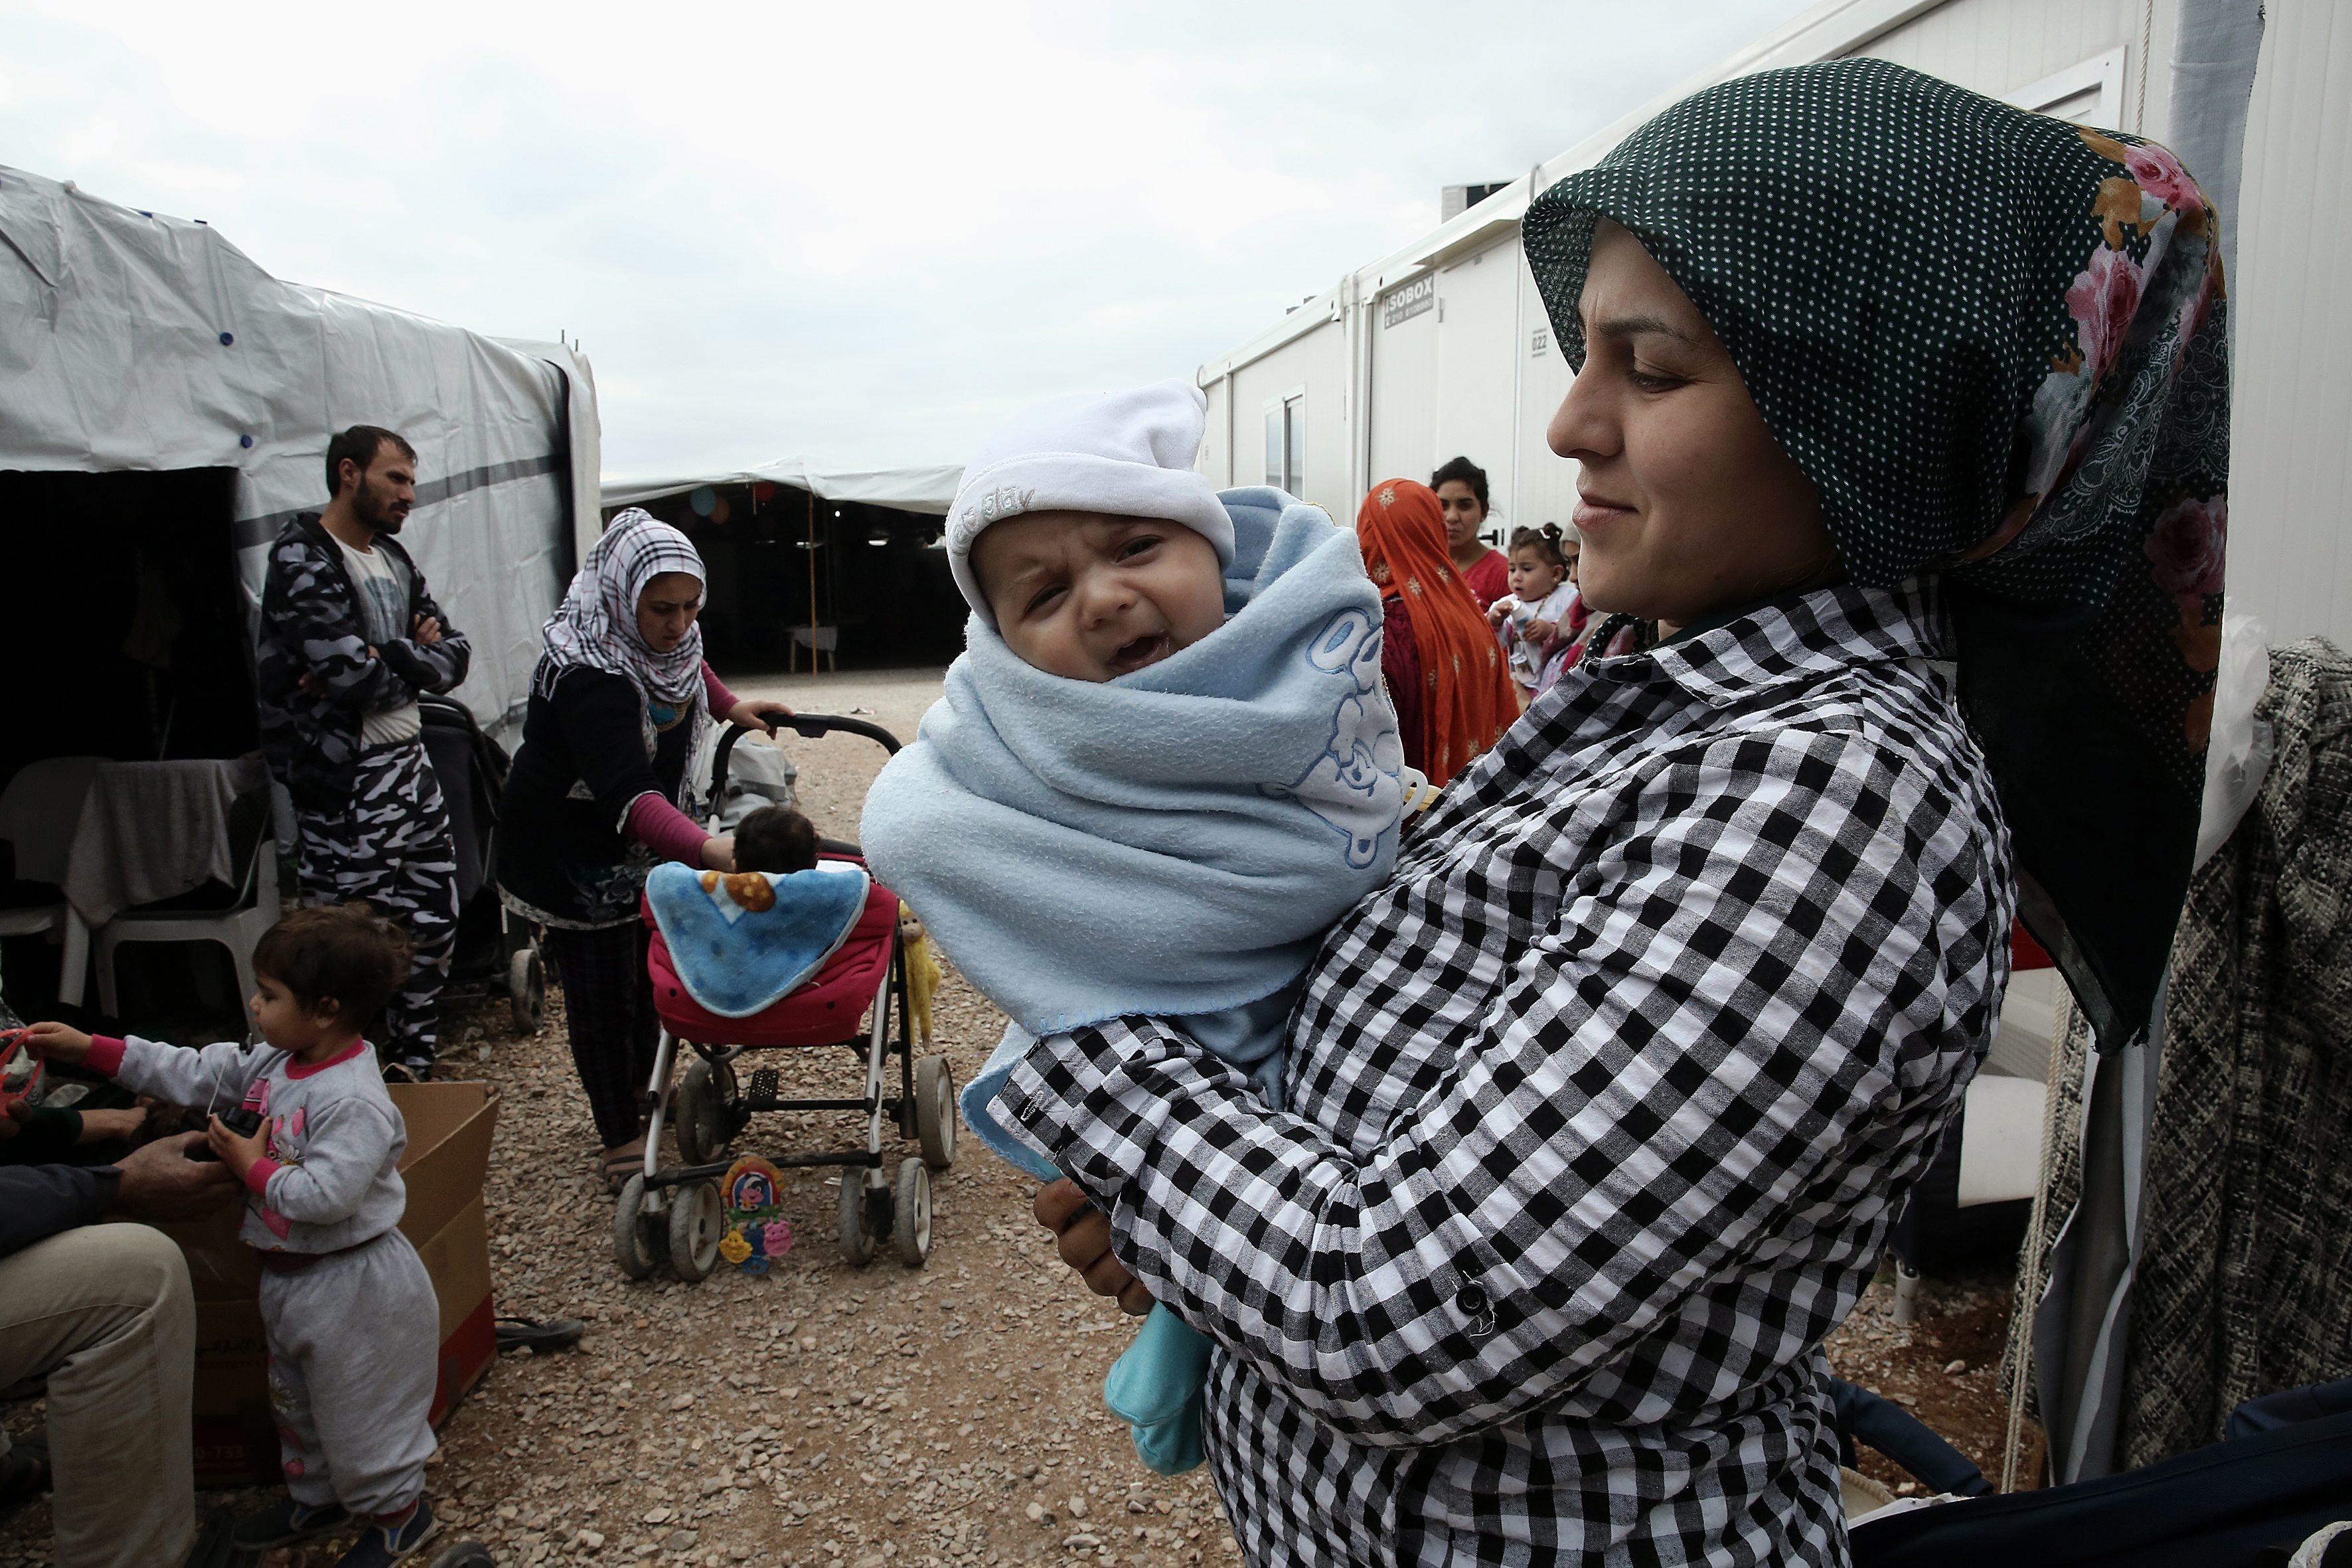 Gotovo 400 migranata probilo marokansko-španjolsku granicu u Ceuti - Narod.hr